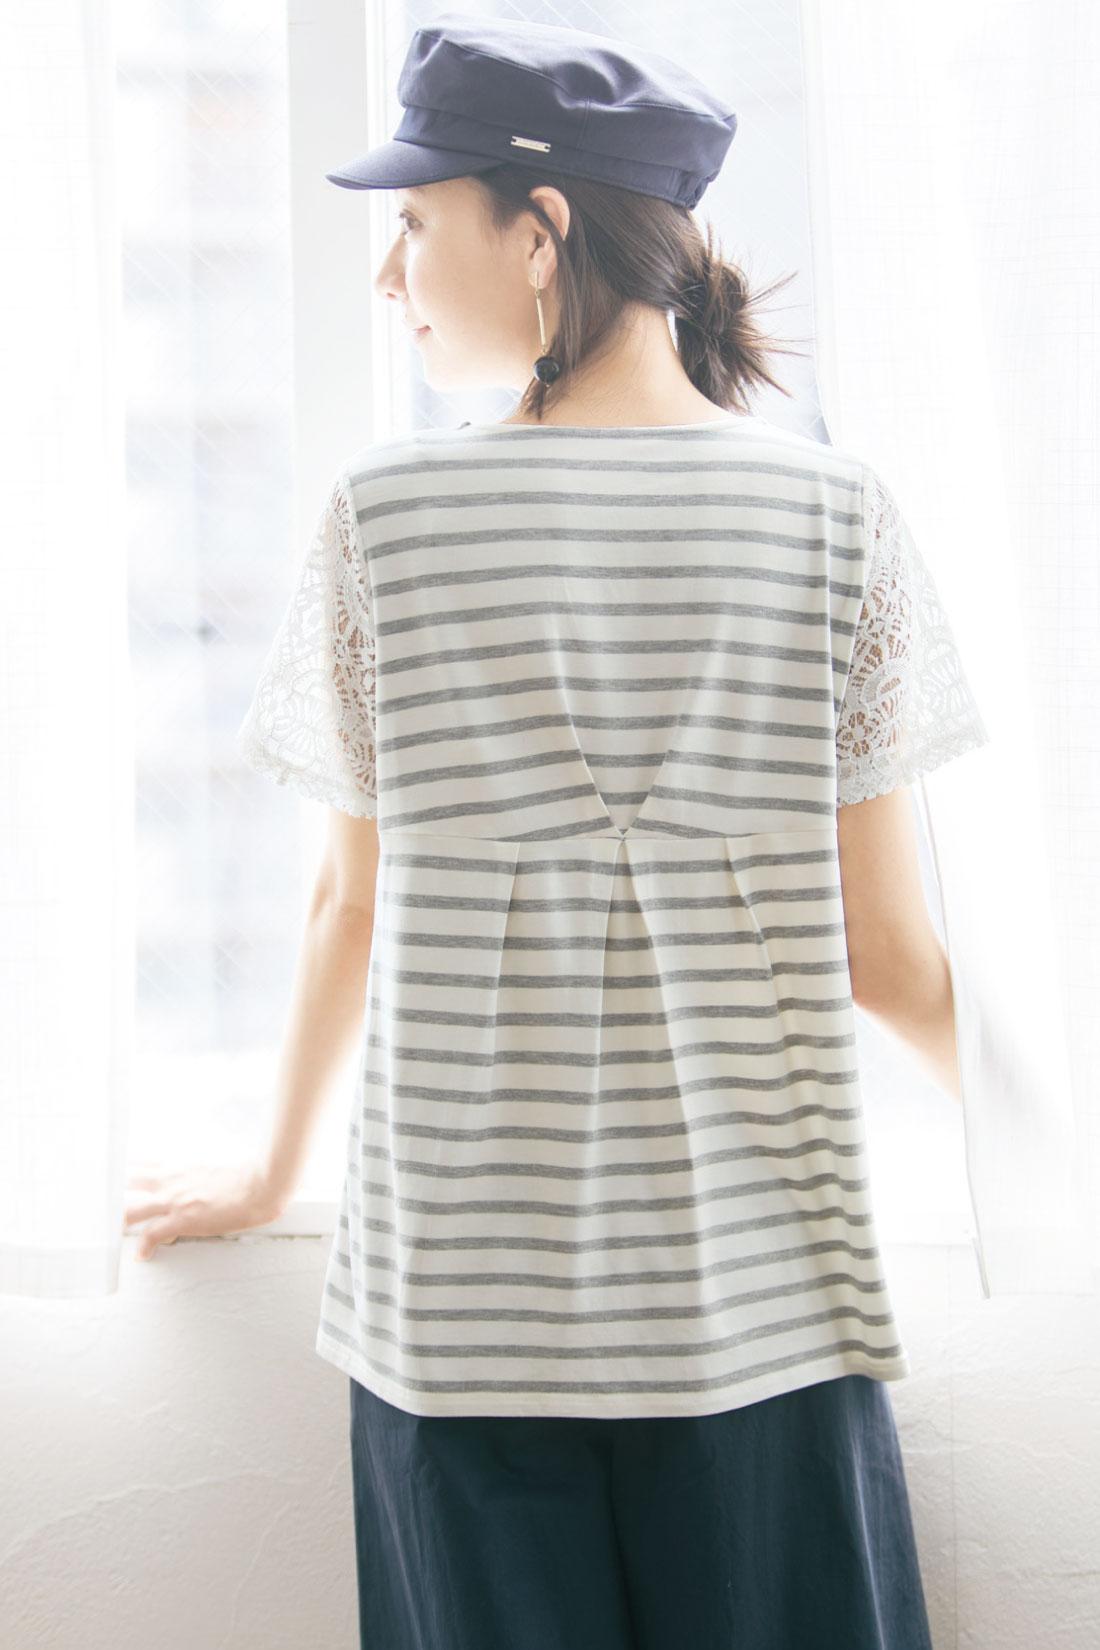 タック遣いと切り替え技で、後ろ姿もすっきり。 ※着用イメージです。お届けするカラーとは異なります。